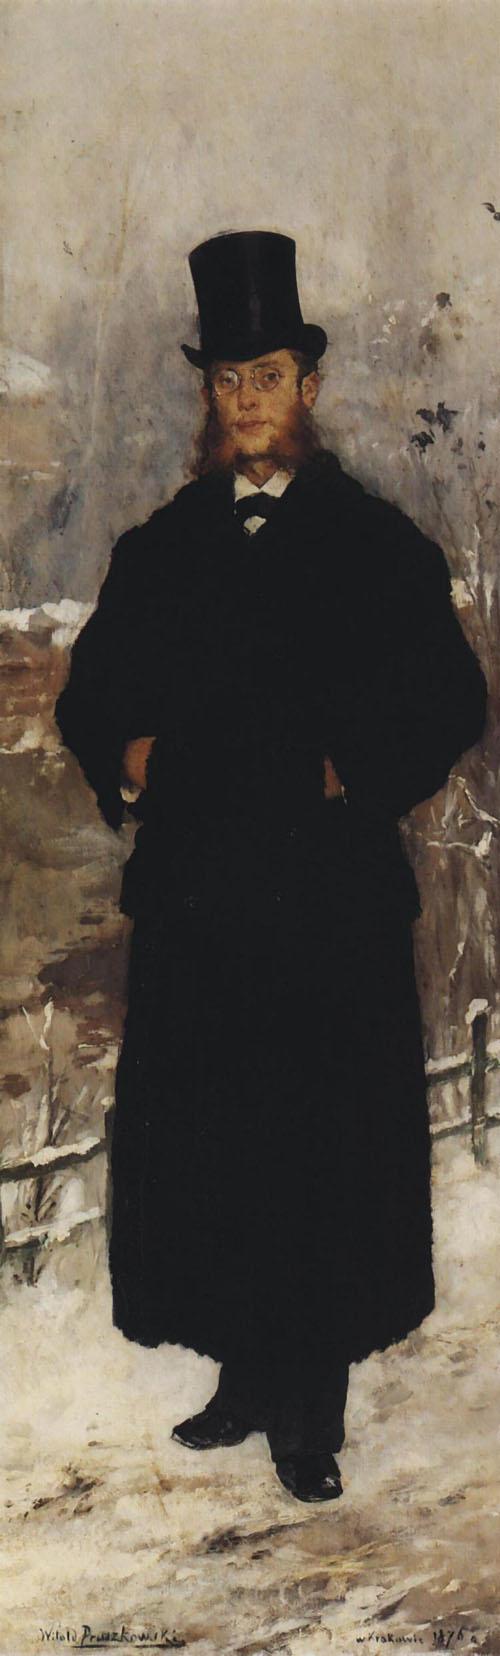 """Witold Pruszkowski """"Portret Kazimierza Bartoszewicza"""", 1876 rok, źródło: Muzeum Sztuki w Łodzi"""